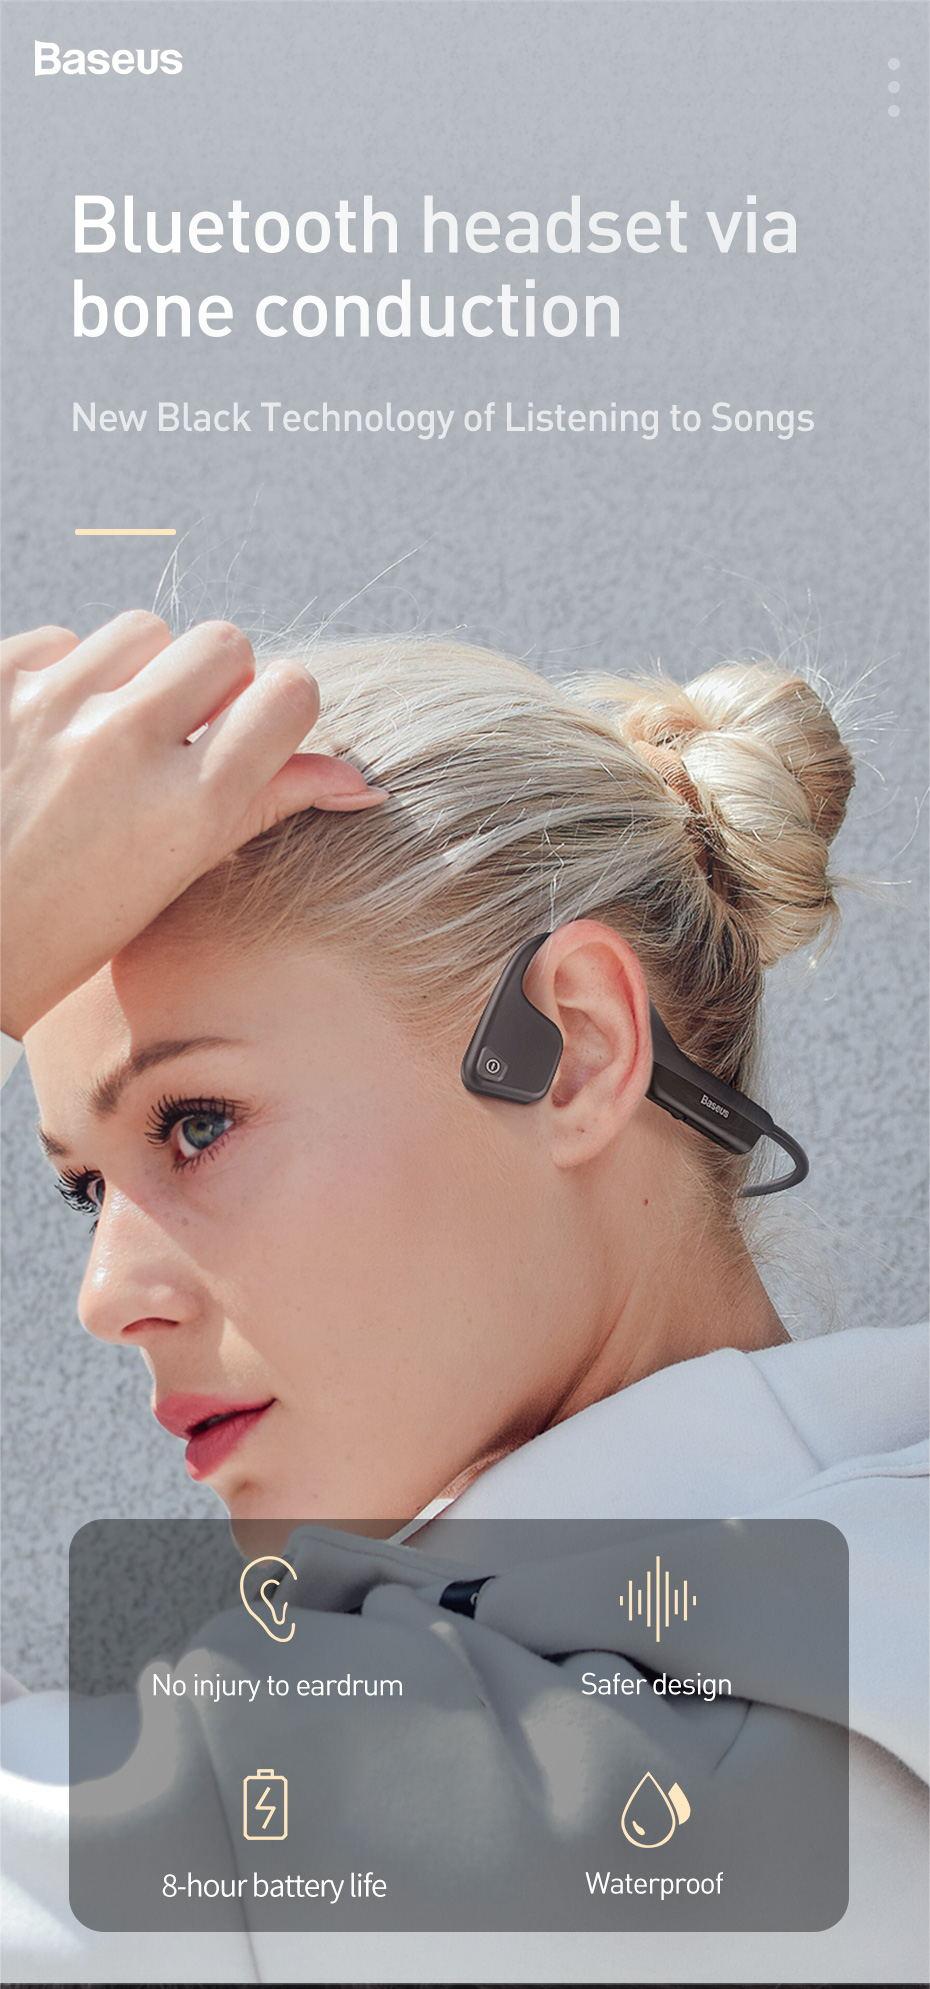 Auricular Baseus BC10 Bluetooth - nueva tecnología negra de conducción ósea Baseus-bc10-bone-conduction-earphone-1